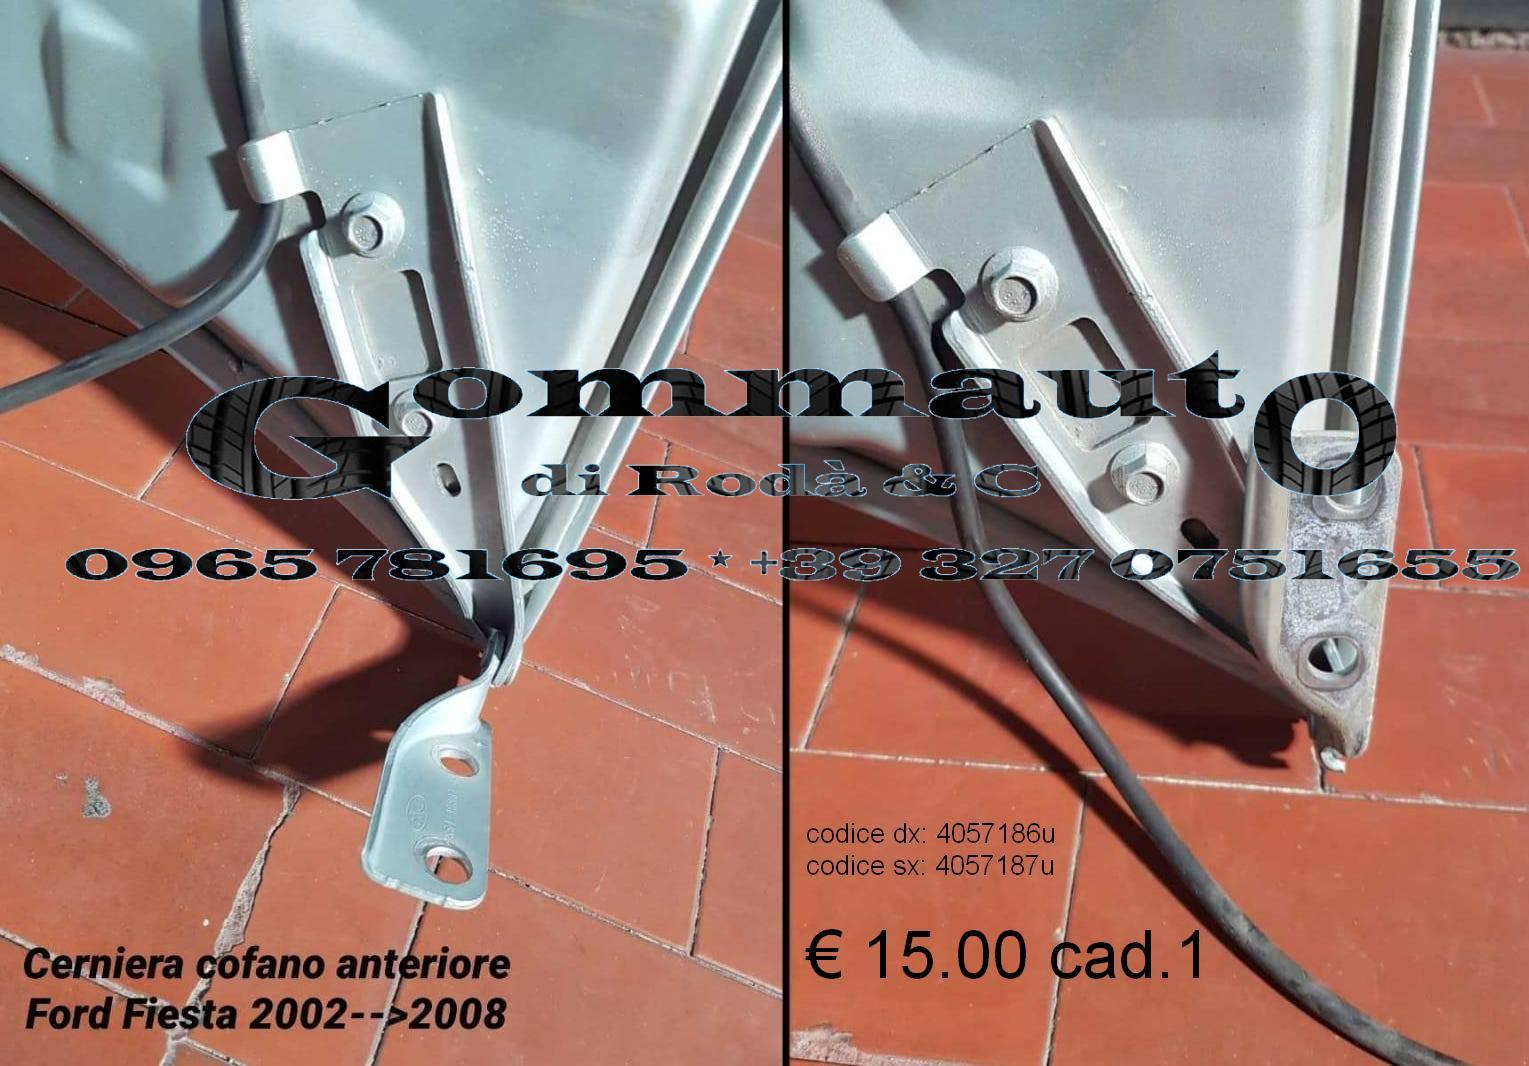 CERNIERA COFANO ANTERIORE DESTRO OPEL CORSA D 06/>